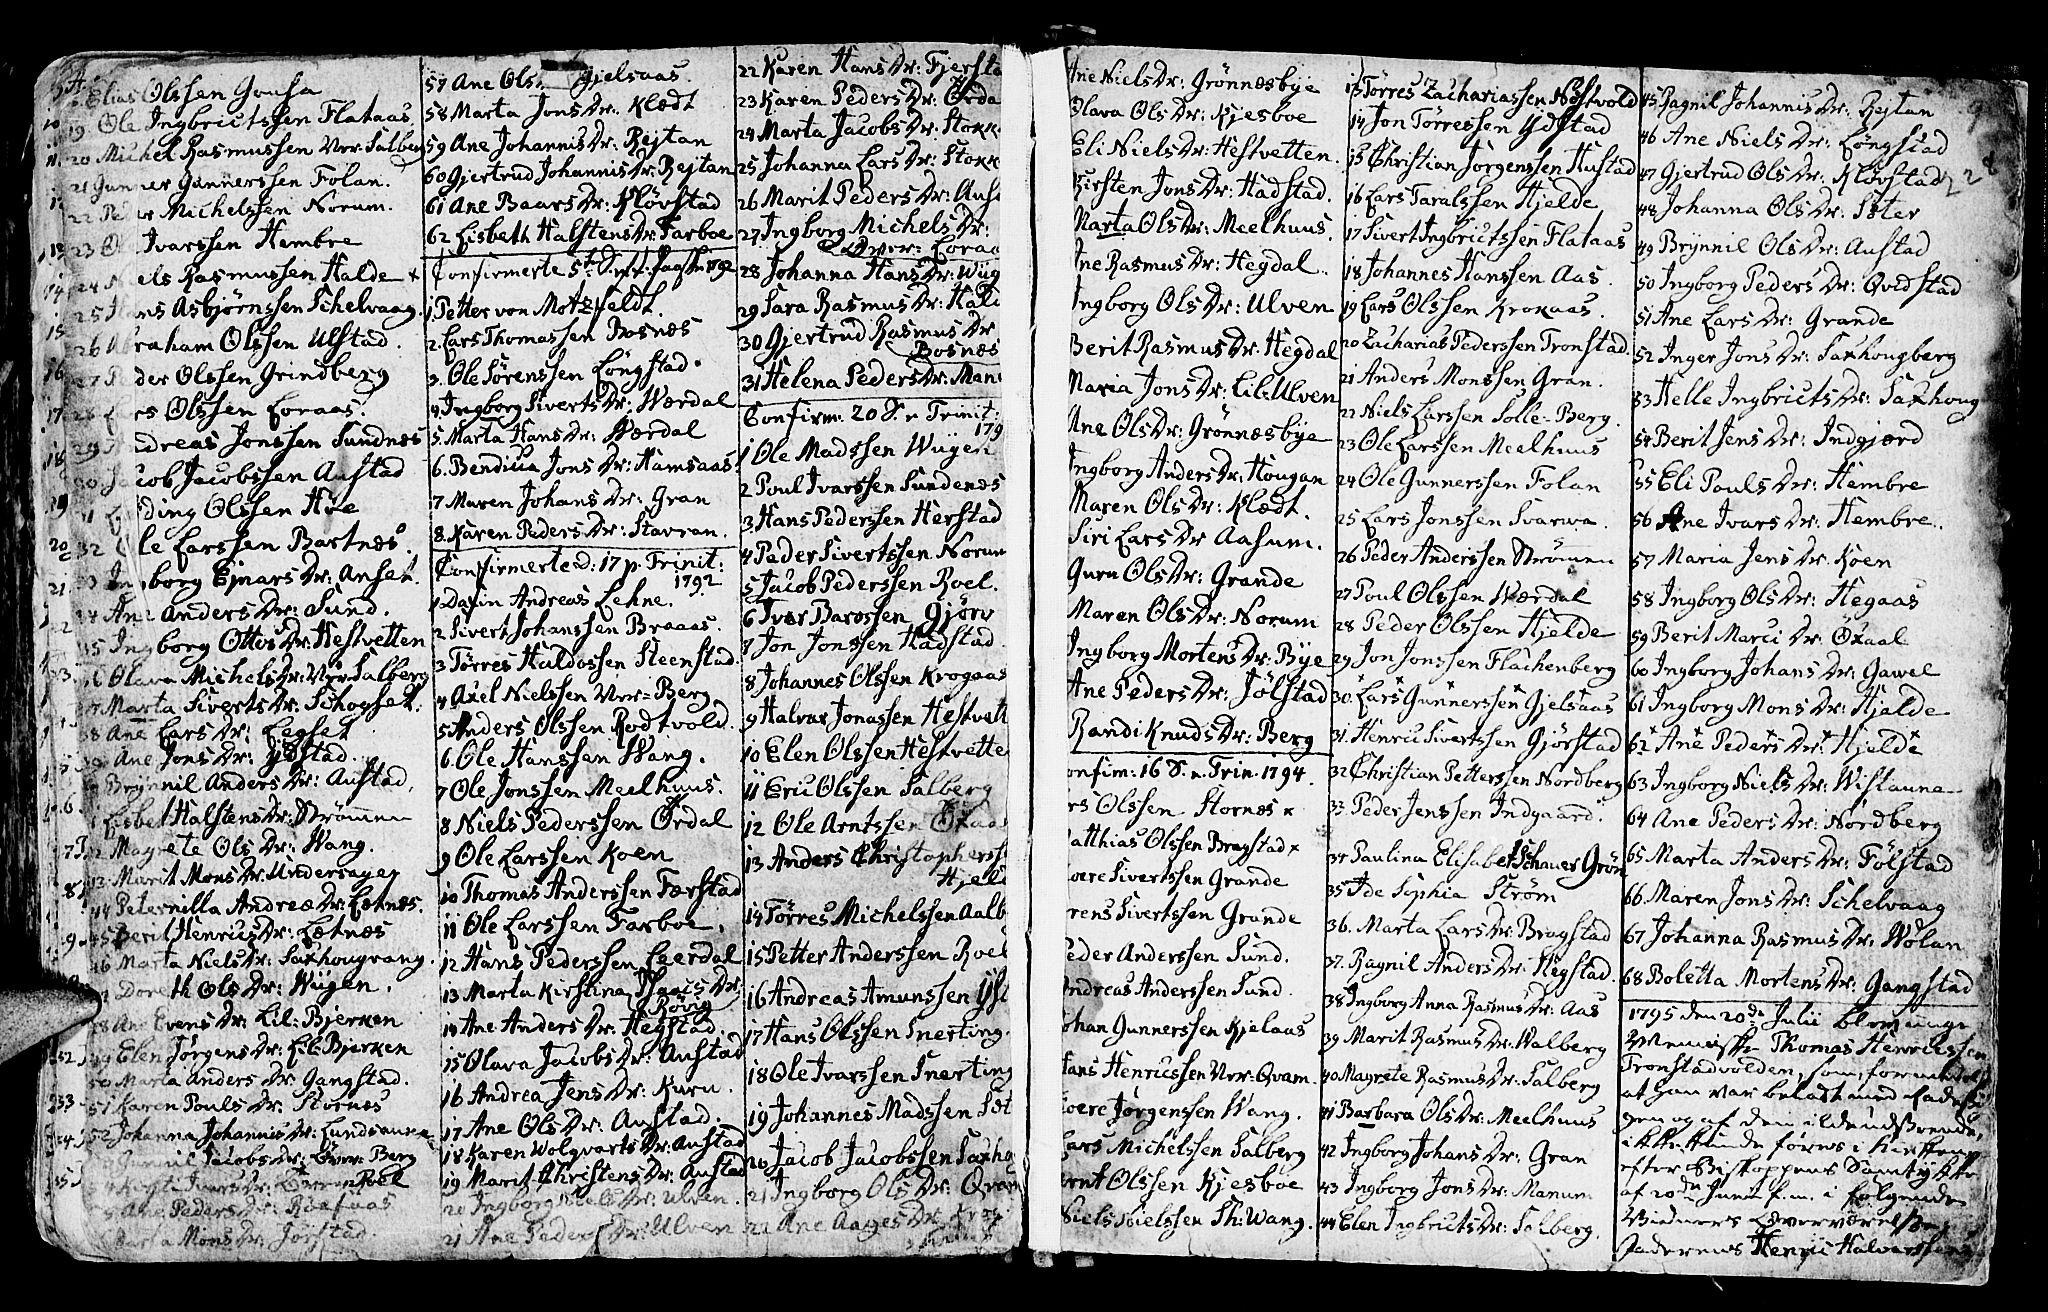 SAT, Ministerialprotokoller, klokkerbøker og fødselsregistre - Nord-Trøndelag, 730/L0273: Ministerialbok nr. 730A02, 1762-1802, s. 228